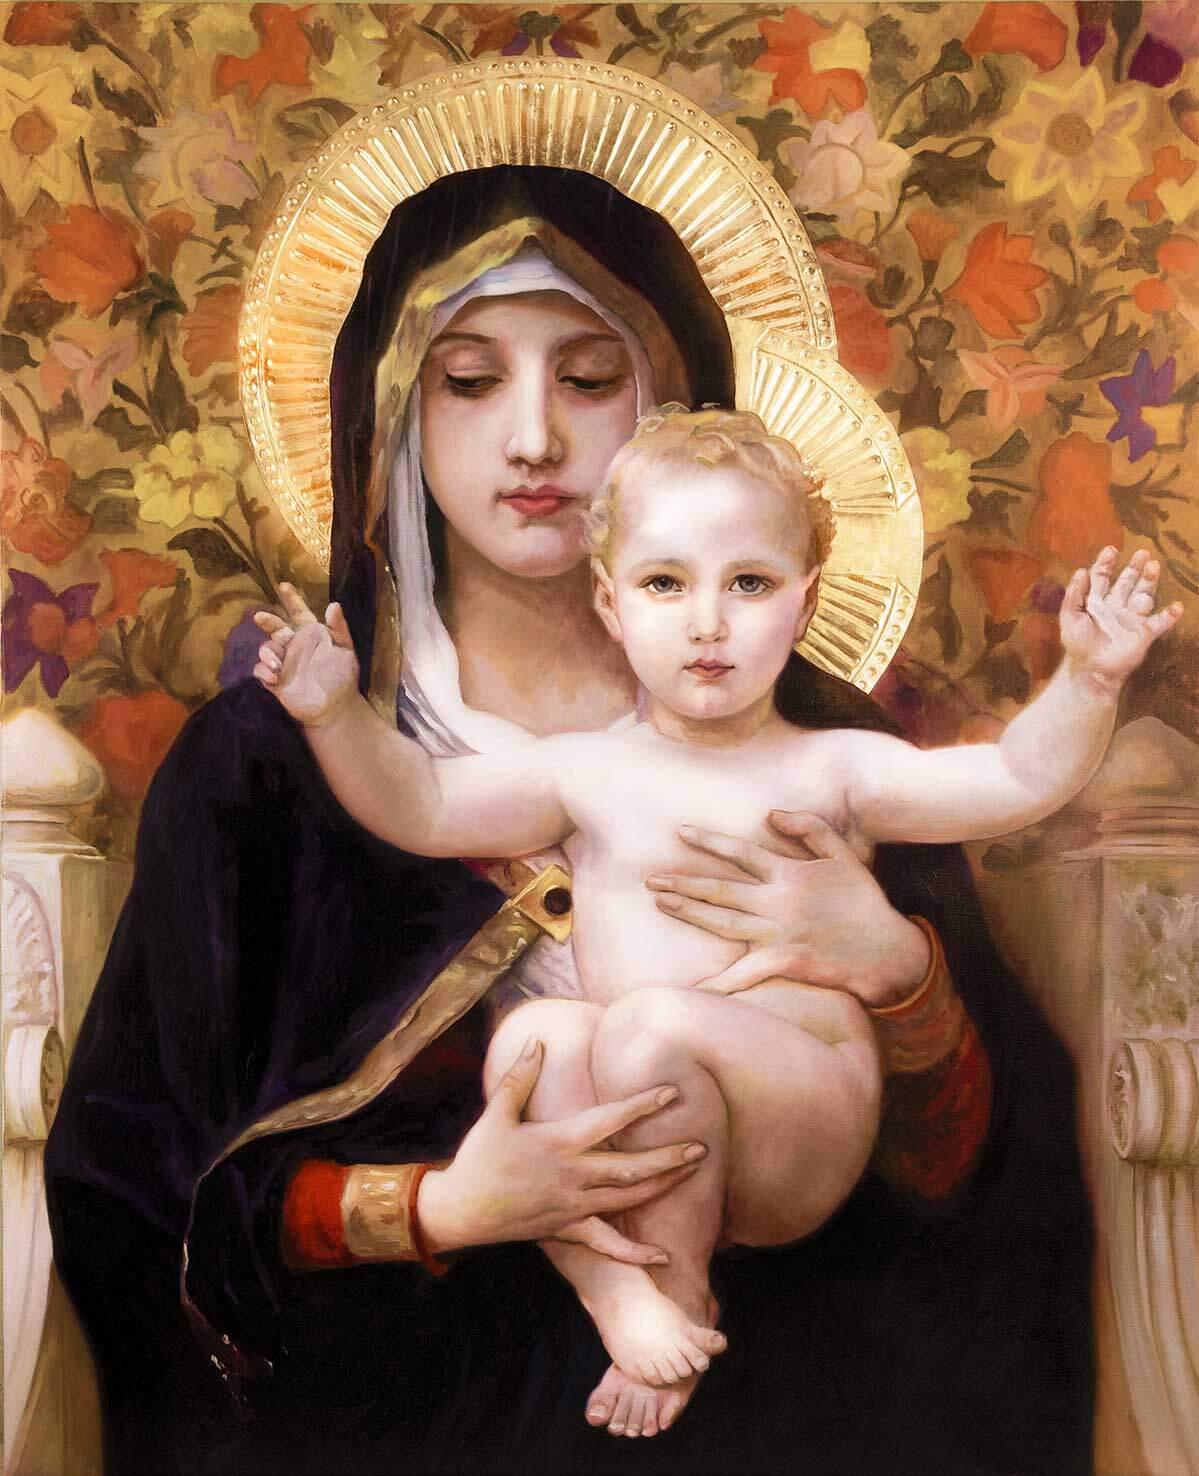 Reproducción de La Virgen de los lirios de Bouguereau